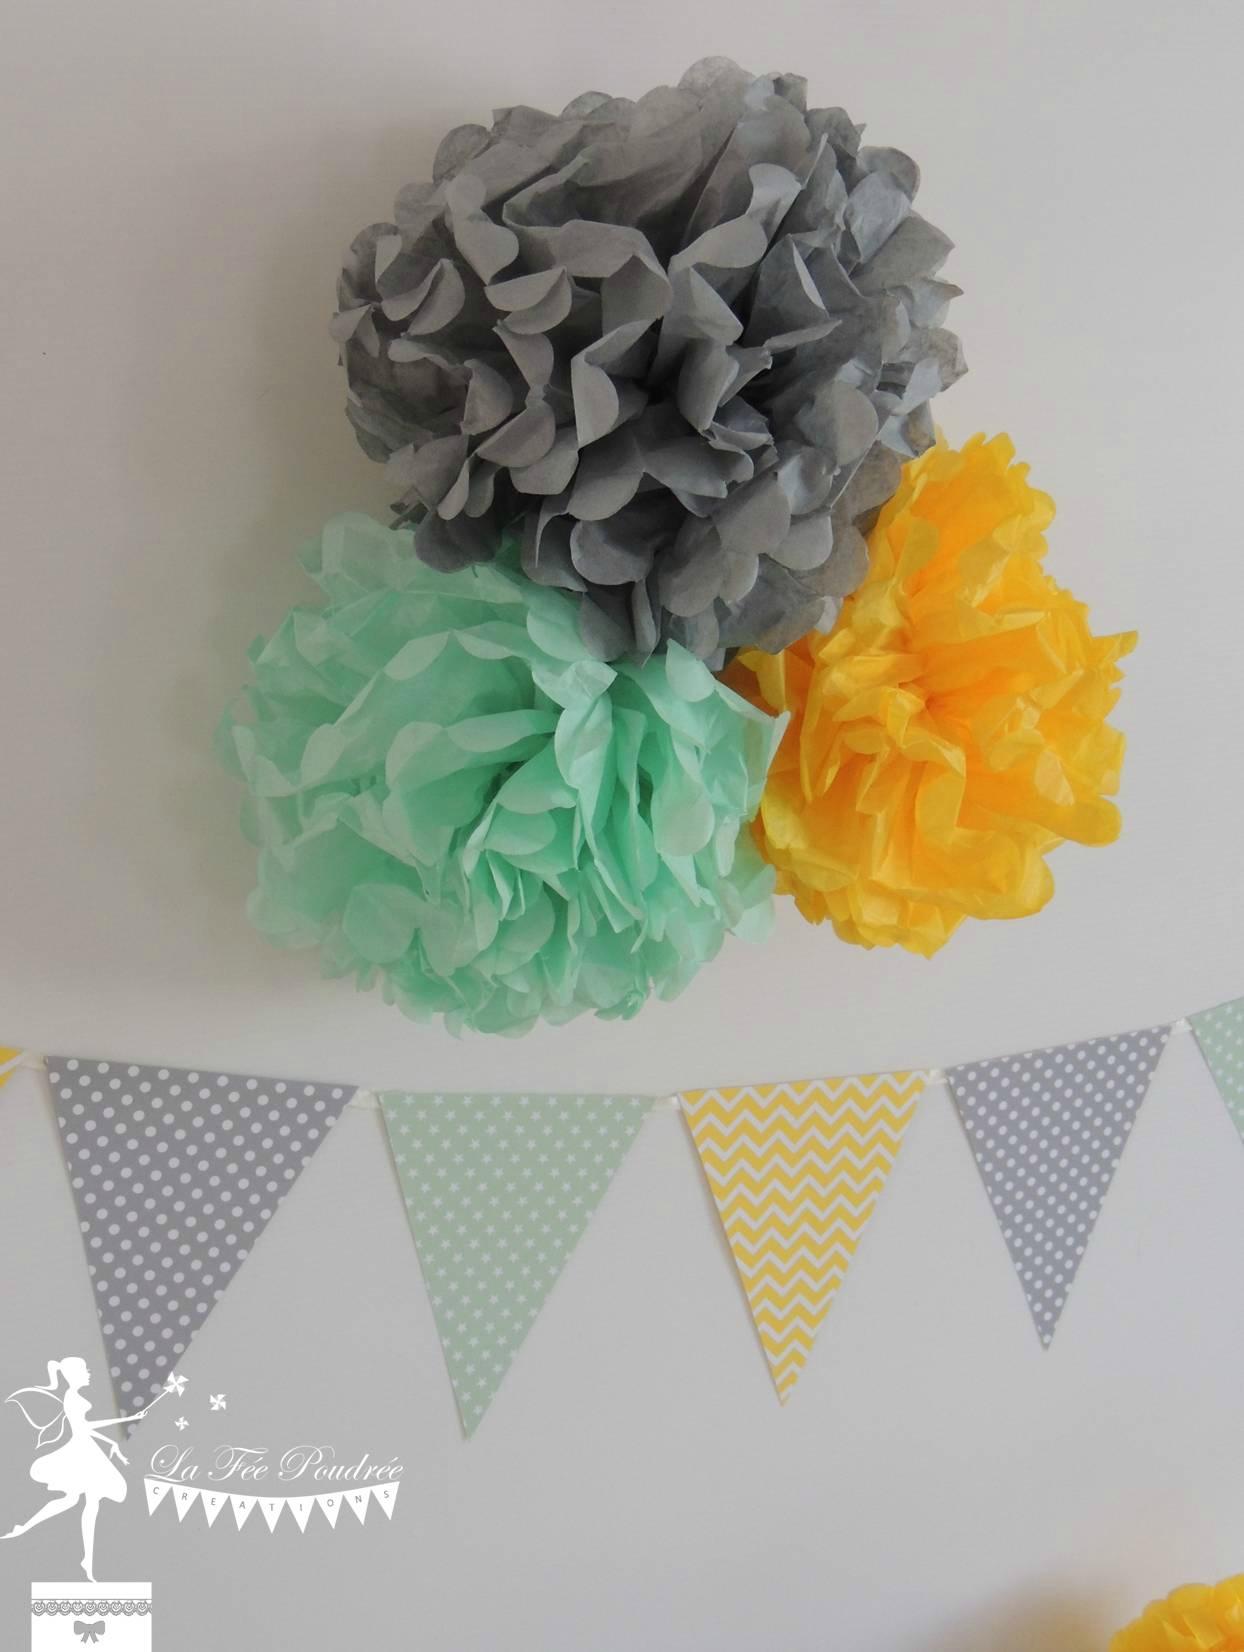 decoration mariage bapteme baby shower anniversaire pompon guirlande fanions moulin5